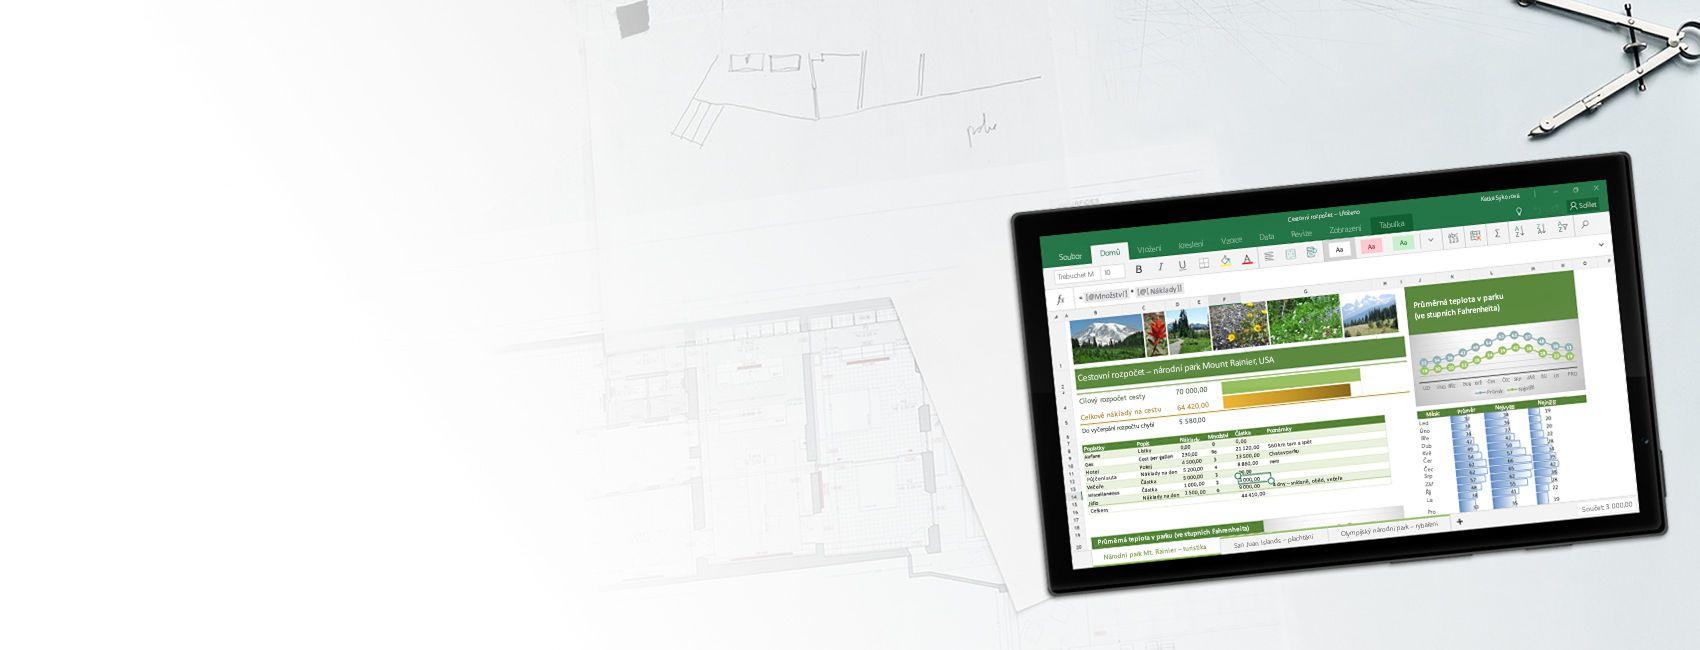 Tablet sWindows zobrazující tabulku vExcelu pro Windows10 Mobile, která obsahuje jednoduchý graf asestavu cestovního rozpočtu